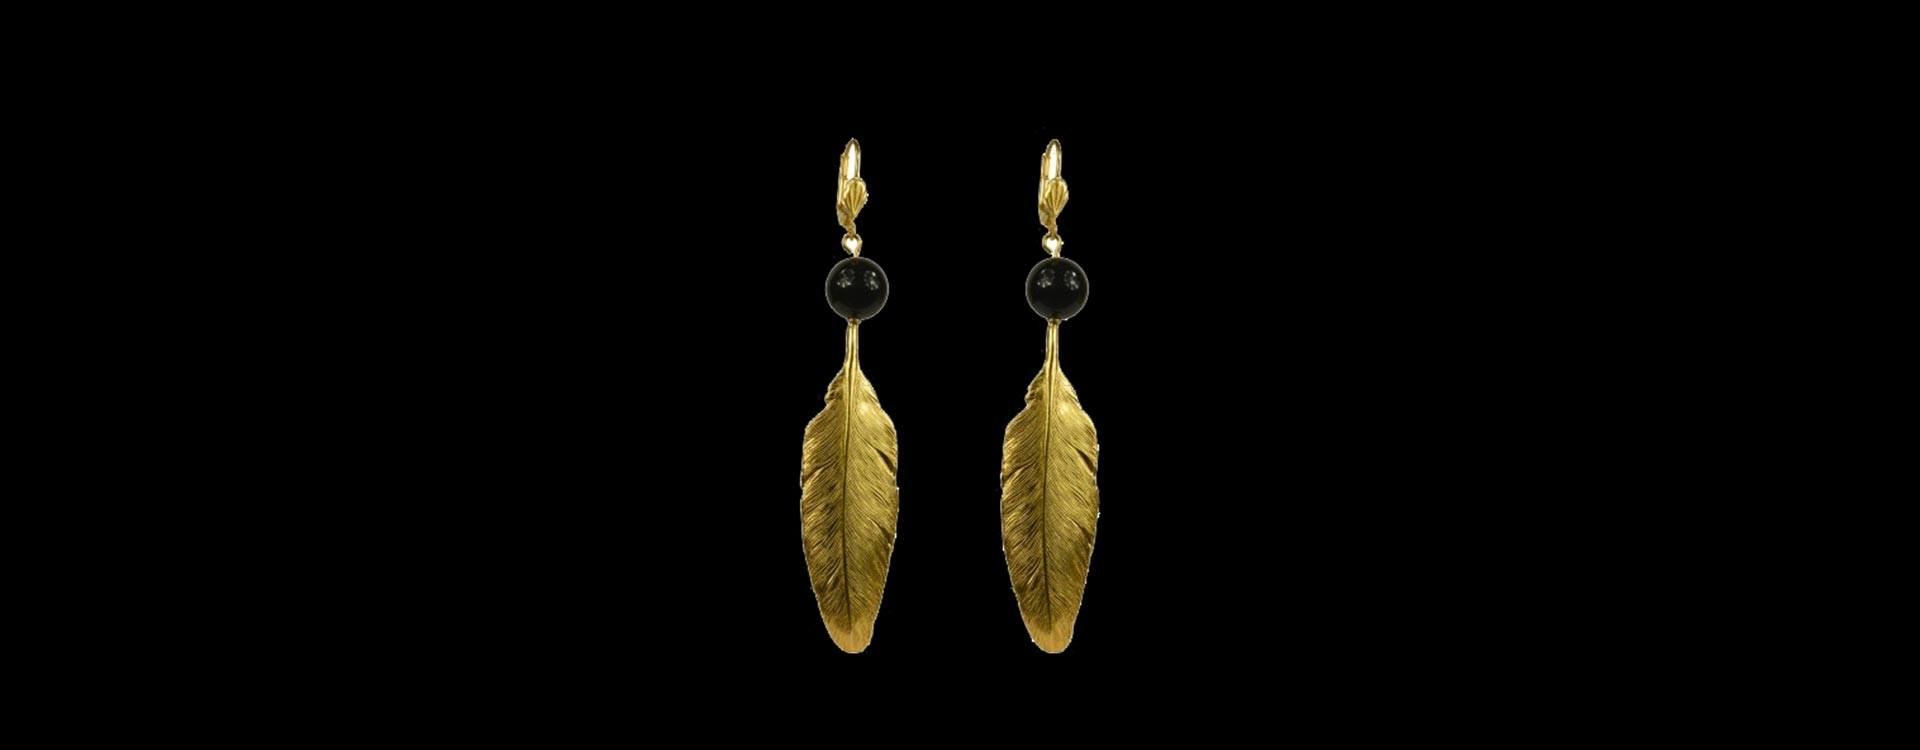 Boucles d'oreilles plumes dore onyx noire